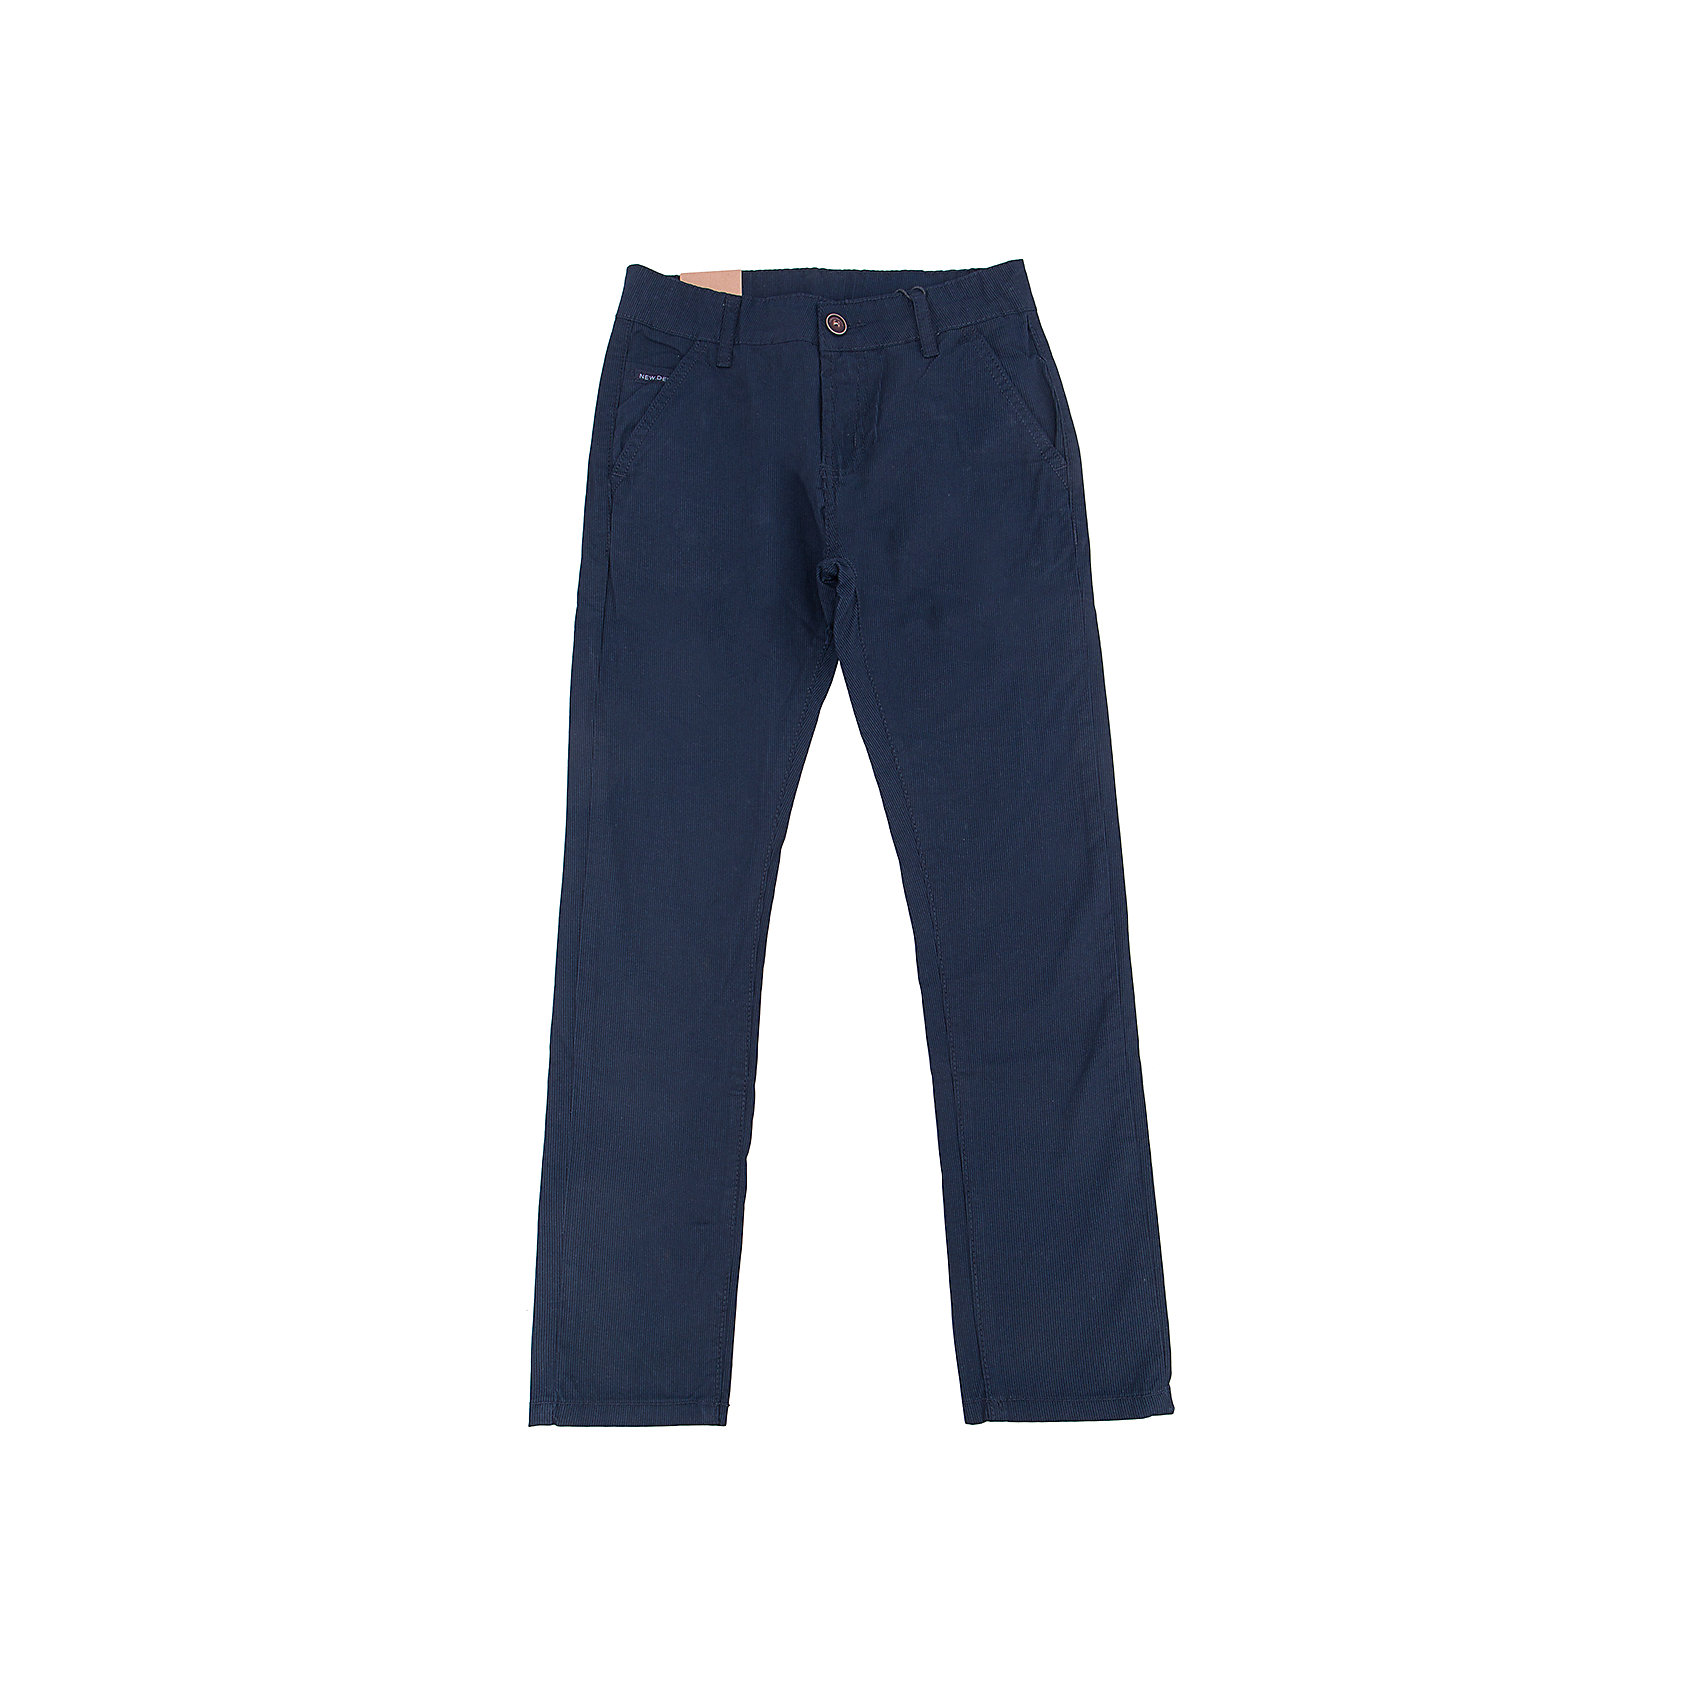 Брюки для мальчика LuminosoБрюки<br>Характеристики товара:<br><br>- цвет: синий;<br>- материал: 98% хлопок, 2% эластан;<br>- застежка: пуговица и молния;<br>- пояс регулируется внутренней резинкой на пуговицах;<br>- шлевки для ремня.<br><br>Стильная одежда от бренда Luminoso (Люминосо), созданная при участии итальянских дизайнеров, учитывает потребности подростков и последние веяния моды. Она удобная и модная.<br>Эти брюки выглядят стильно, но при этом подходят для ежедневного ношения. Они хорошо сидят на ребенке, обеспечивают комфорт и отлично сочетаются с одежной разных стилей. Модель отличается высоким качеством материала и продуманным дизайном. Натуральный хлопок в составе изделия делает его дышащим, приятным на ощупь и гипоаллергеным.<br><br>Брюки для мальчика от бренда Luminoso (Люминосо) можно купить в нашем интернет-магазине.<br><br>Ширина мм: 215<br>Глубина мм: 88<br>Высота мм: 191<br>Вес г: 336<br>Цвет: синий<br>Возраст от месяцев: 144<br>Возраст до месяцев: 156<br>Пол: Мужской<br>Возраст: Детский<br>Размер: 134,158,164,140,146,152<br>SKU: 4930998